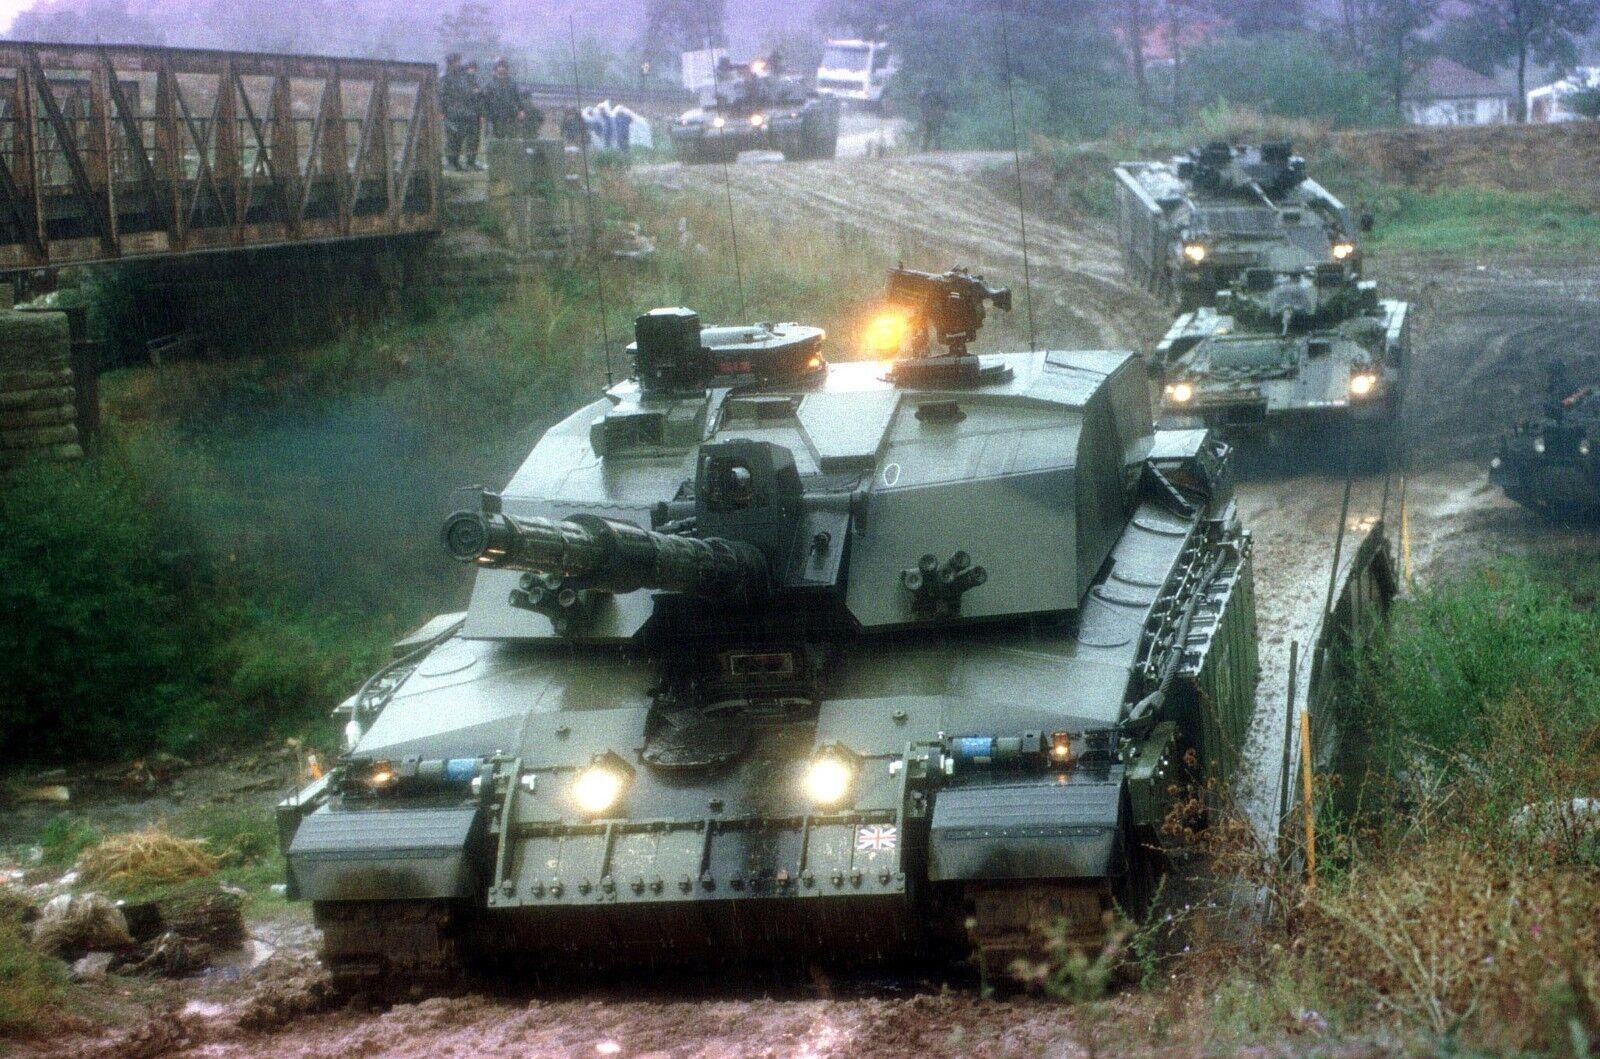 ARMY Challenger 2 Battle tank & Warrior    Photo Print